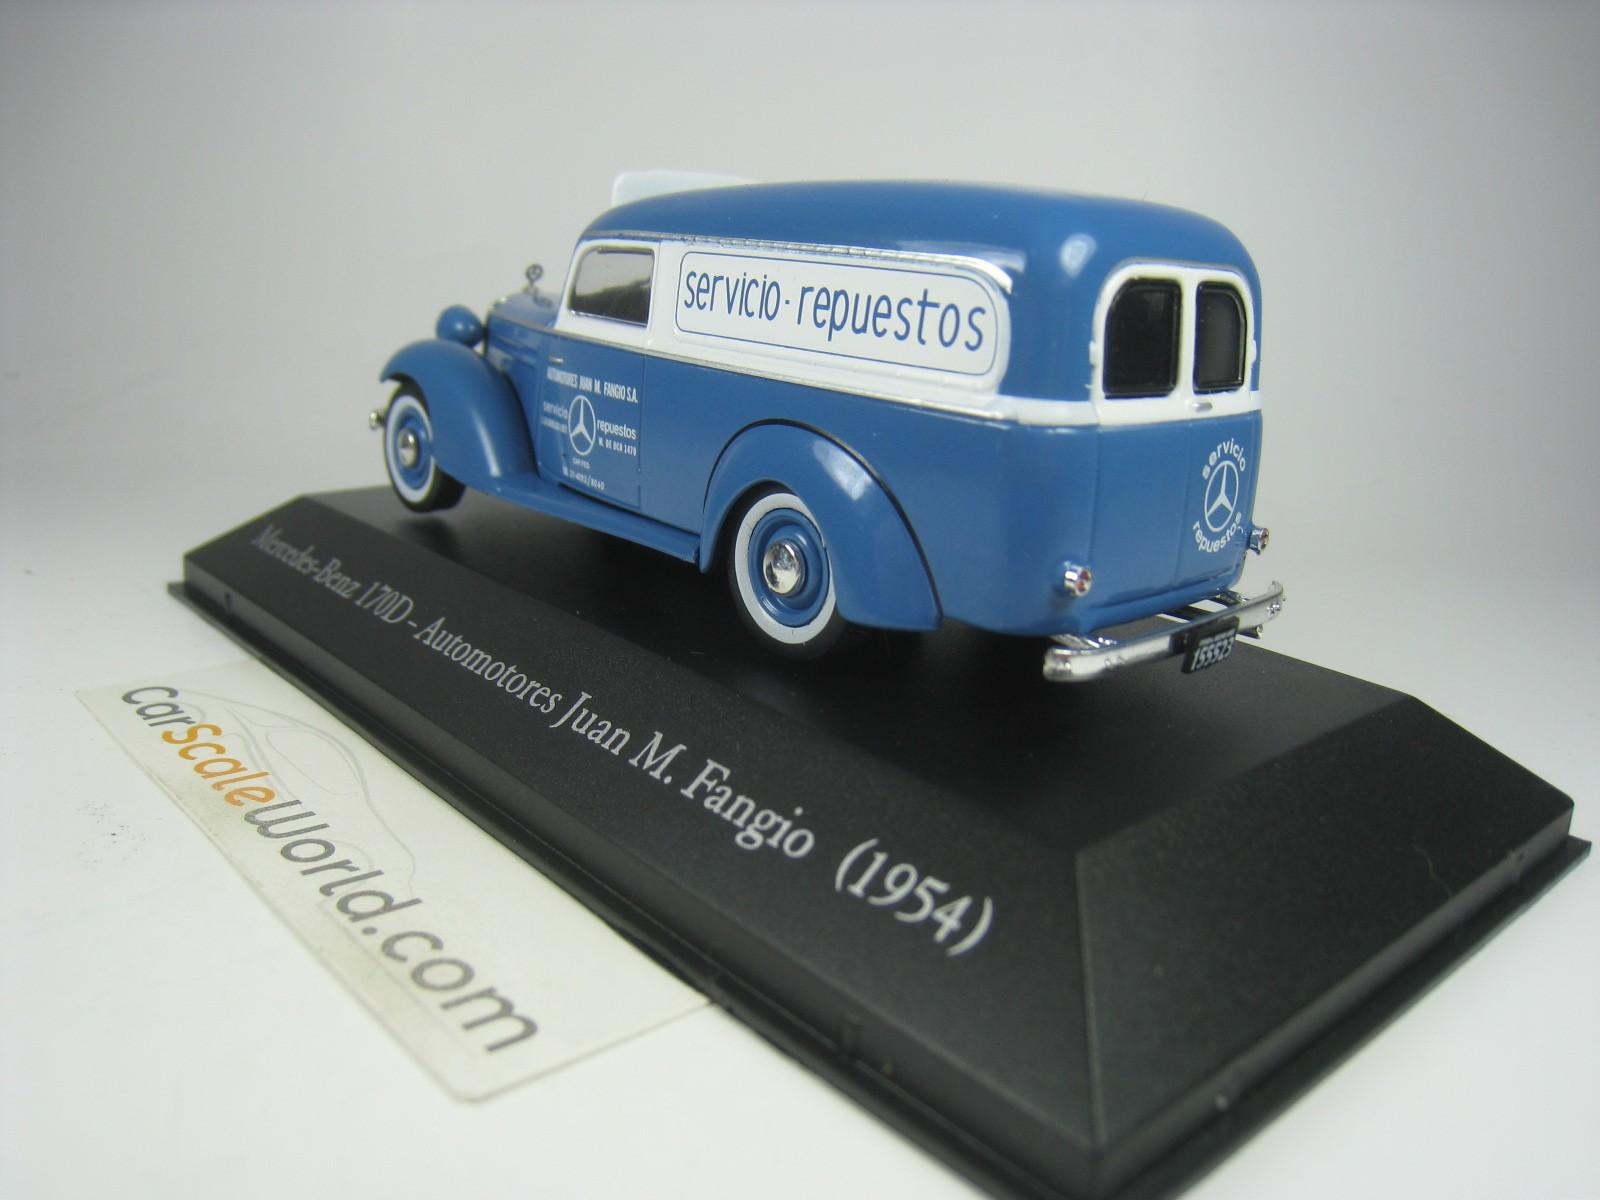 fangio 1954 escala 1:43 de Atlas Mercedes-benz 170 d automotores juan m